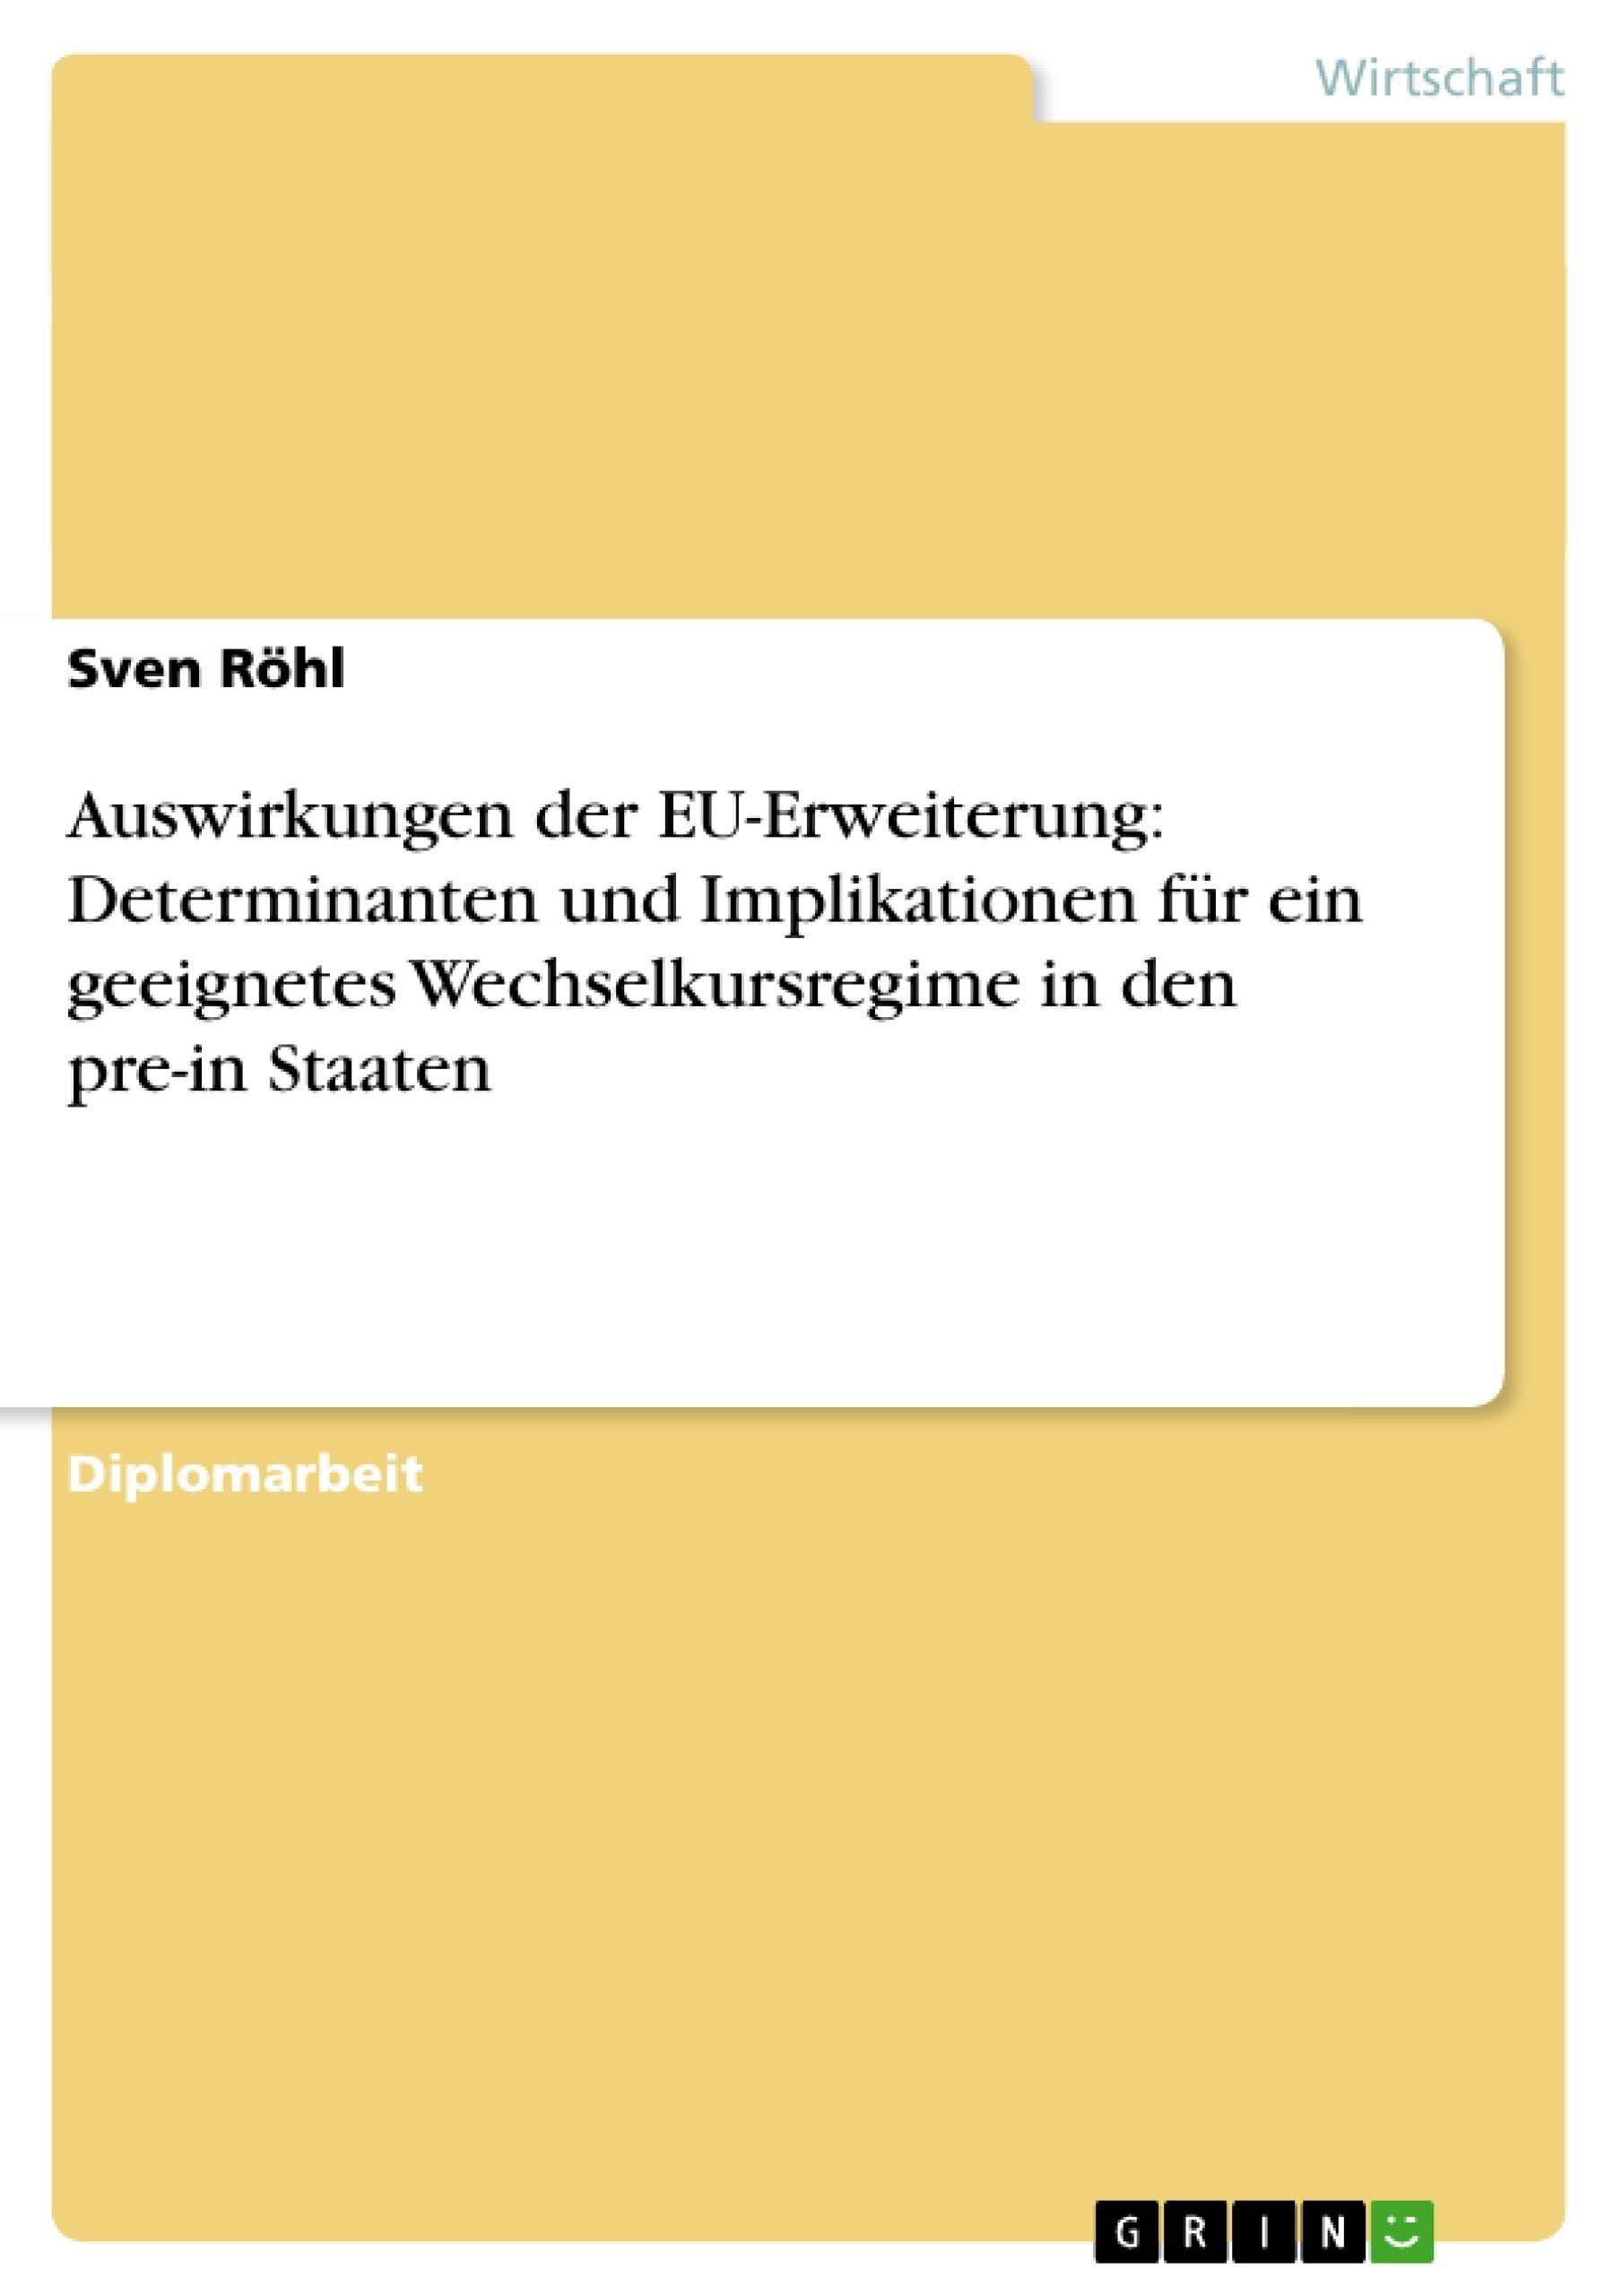 Titel: Auswirkungen der EU-Erweiterung: Determinanten und Implikationen für ein geeignetes Wechselkursregime in den pre-in Staaten